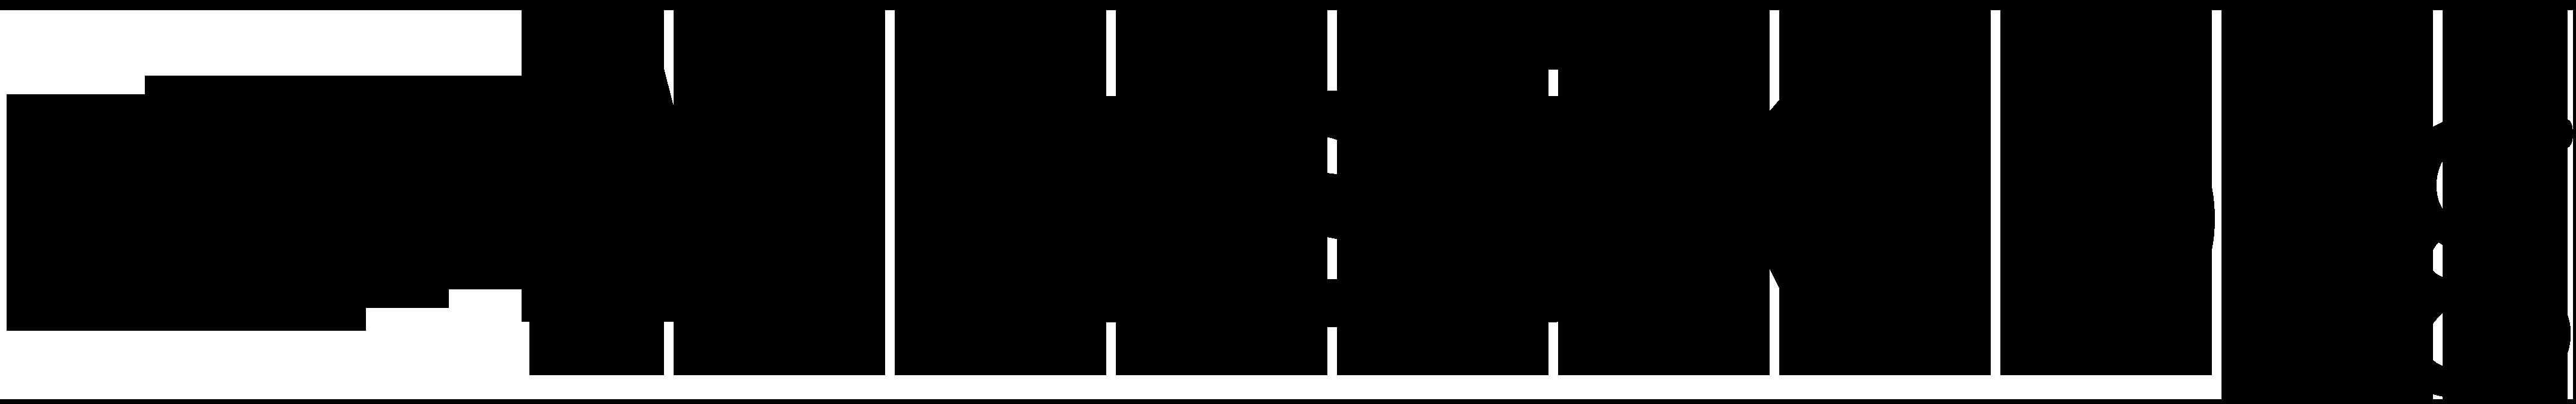 reMusik.org